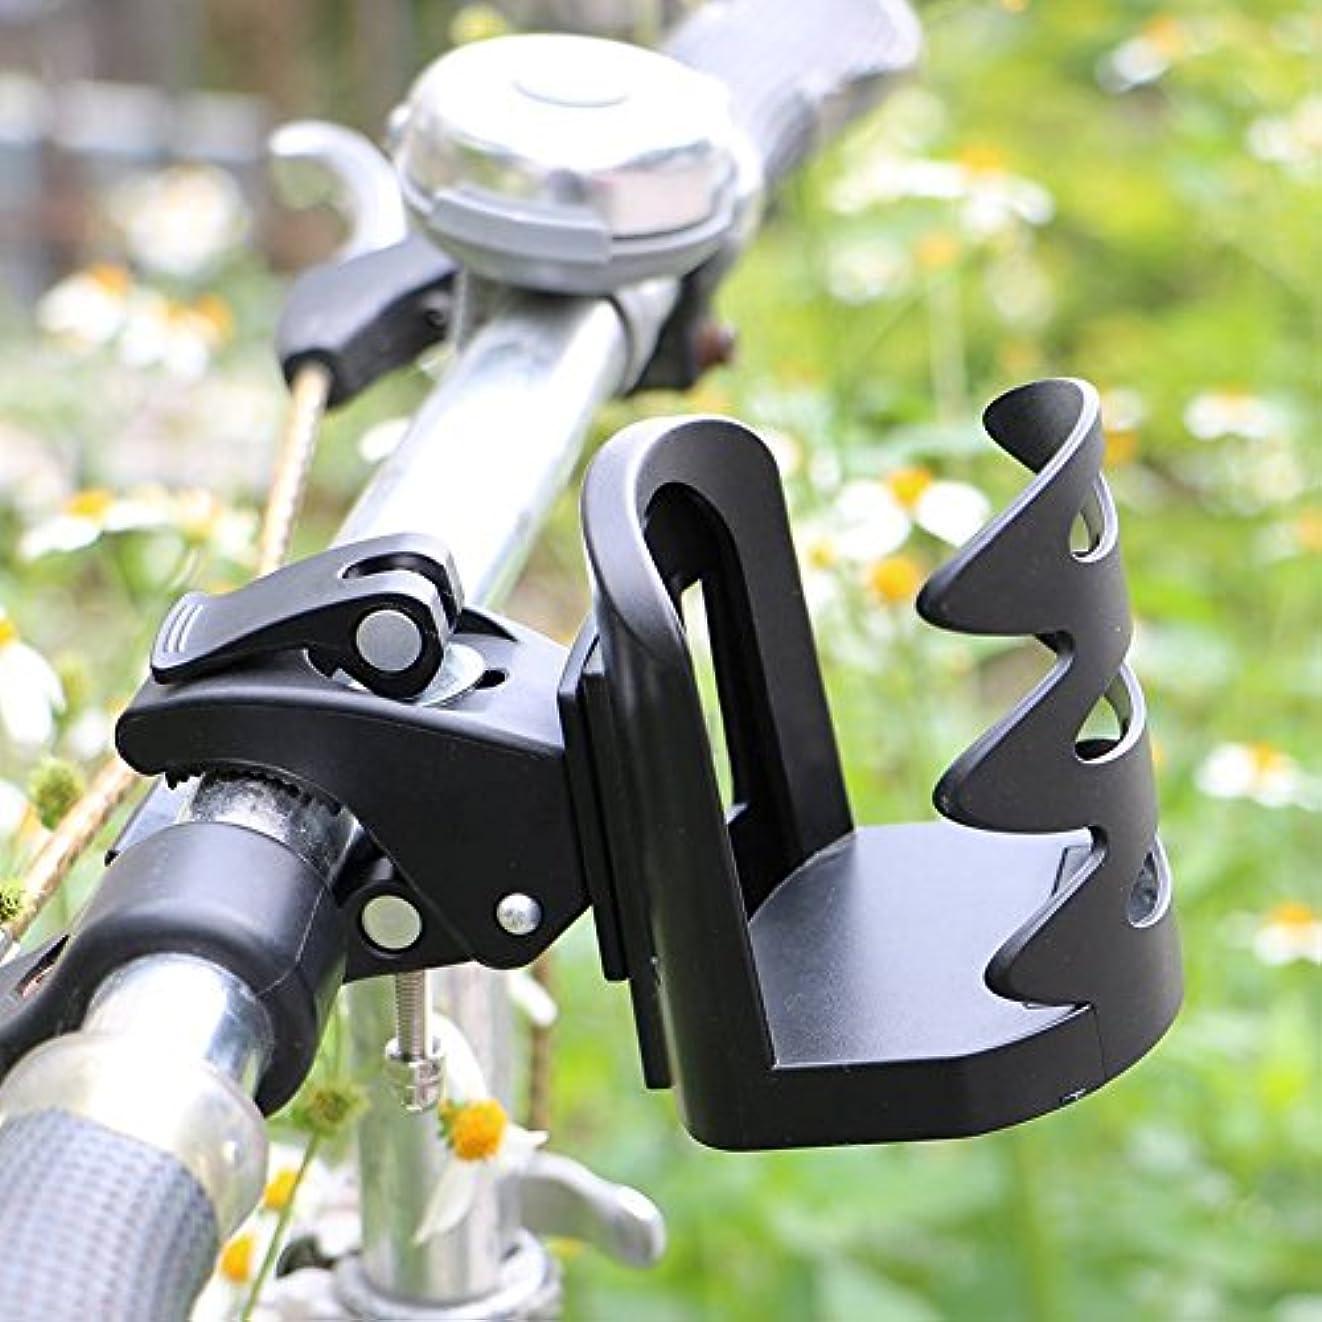 議会マイコンモザイクcarole4バイクボトルホルダー、軽量クイックリリース自転車水ボトルラック飲料ホルダーfor道路やマウンテンバイク、ブラック